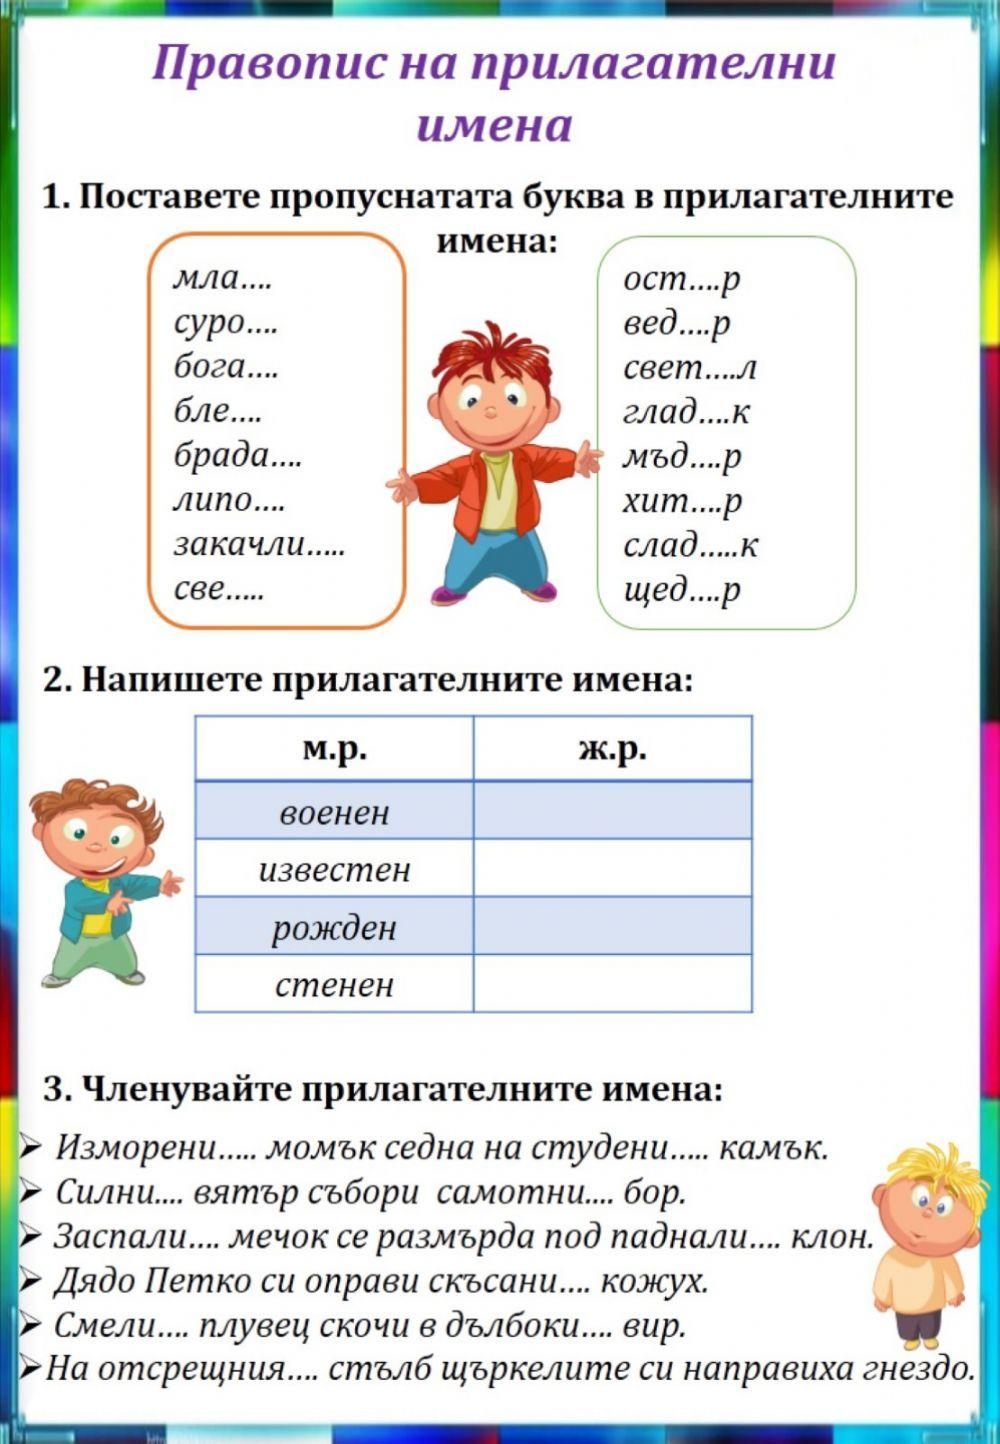 Правопис на прилагателните имена Упражнение worksheet in